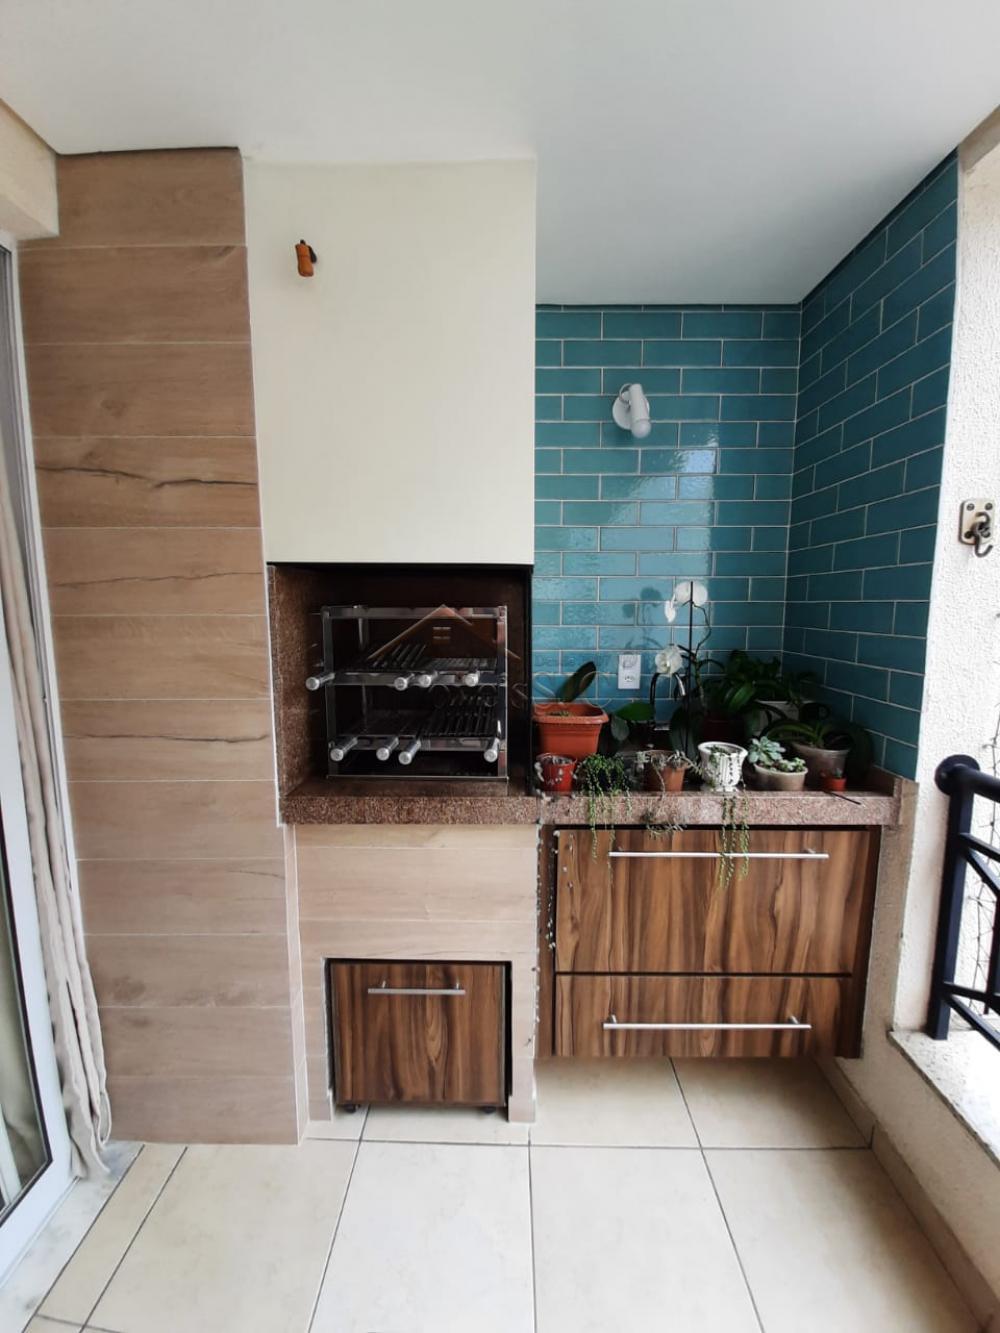 Sao Jose dos Campos Apartamento Venda R$600.000,00 Condominio R$530,00 3 Dormitorios 1 Suite Area construida 95.00m2